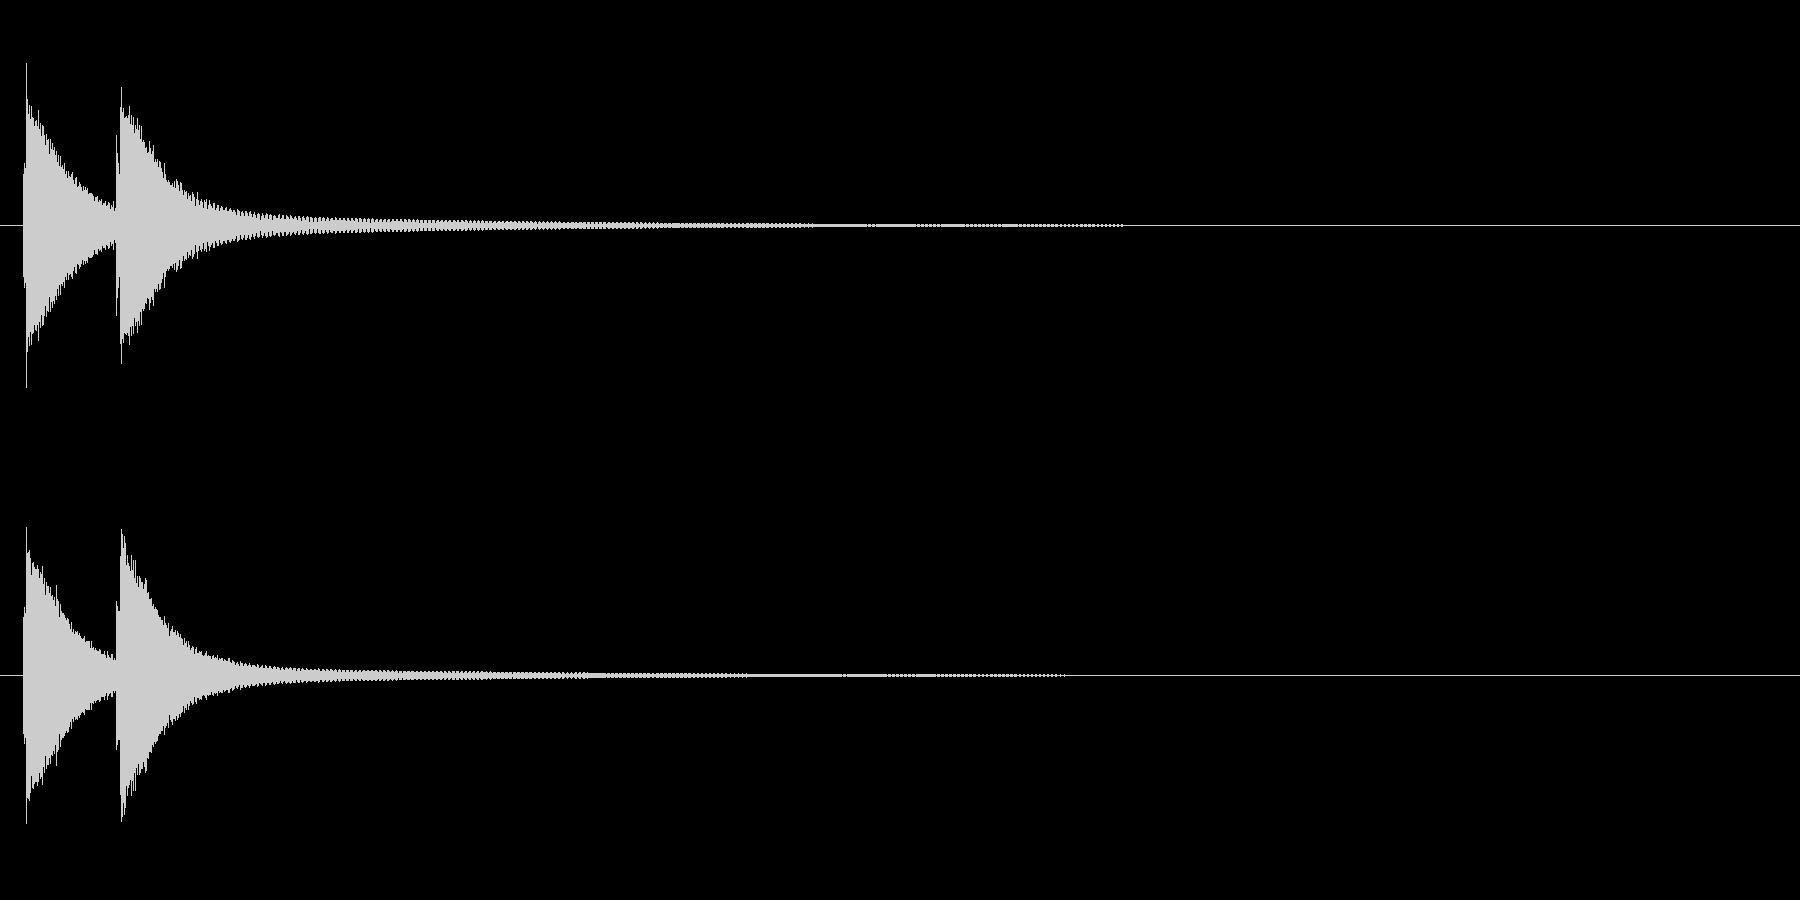 てぃんてぃーん(ハズレ エラー音系)の未再生の波形